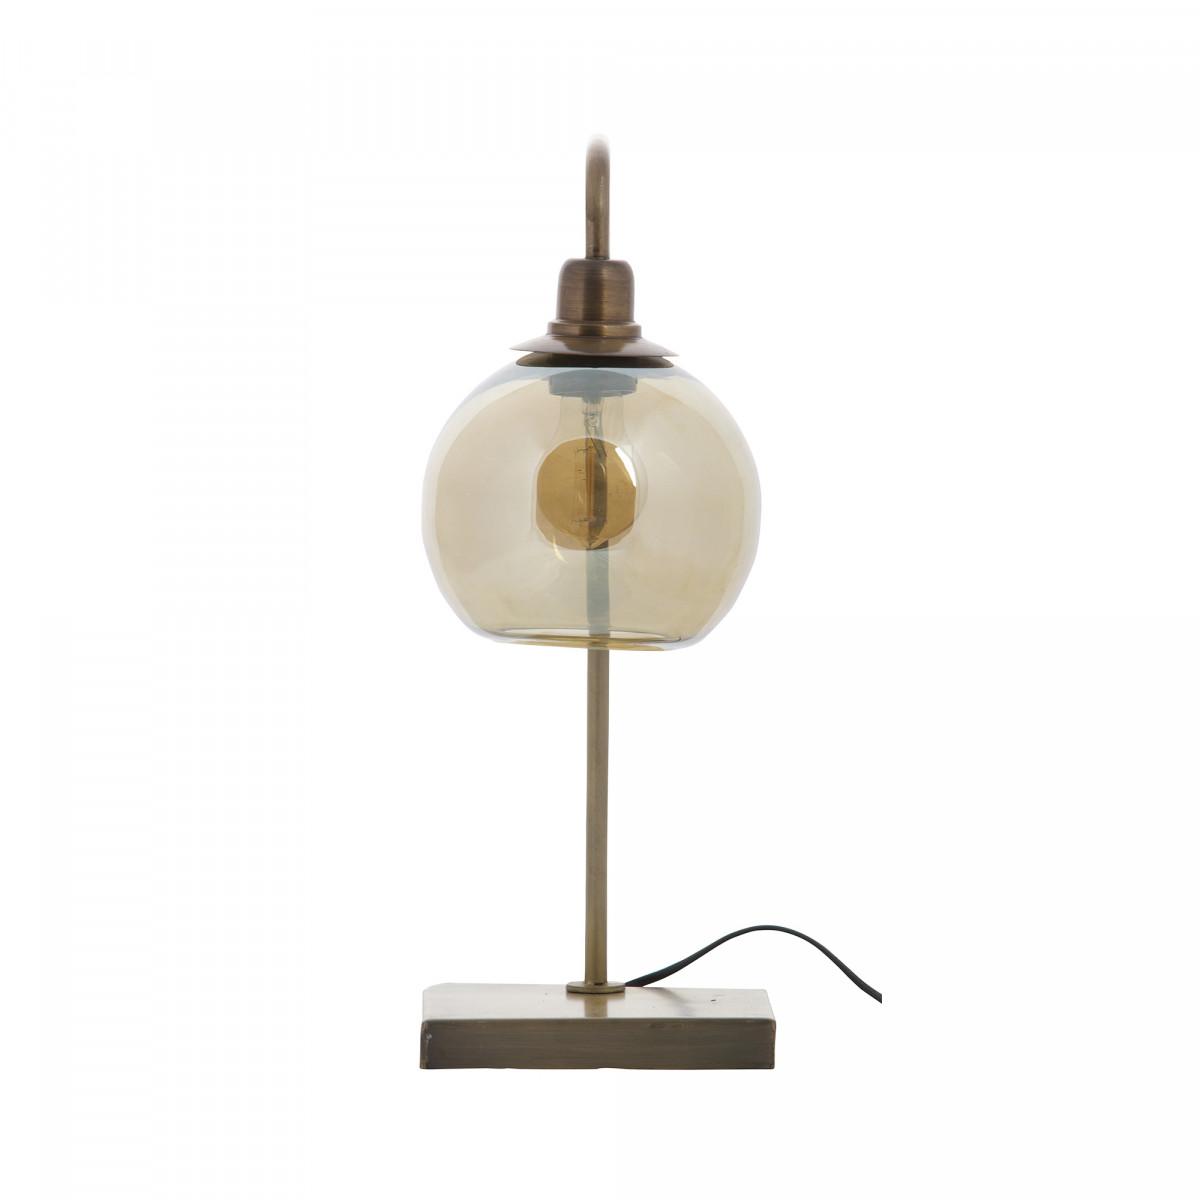 Tischlampe Lantern Antik-Messing